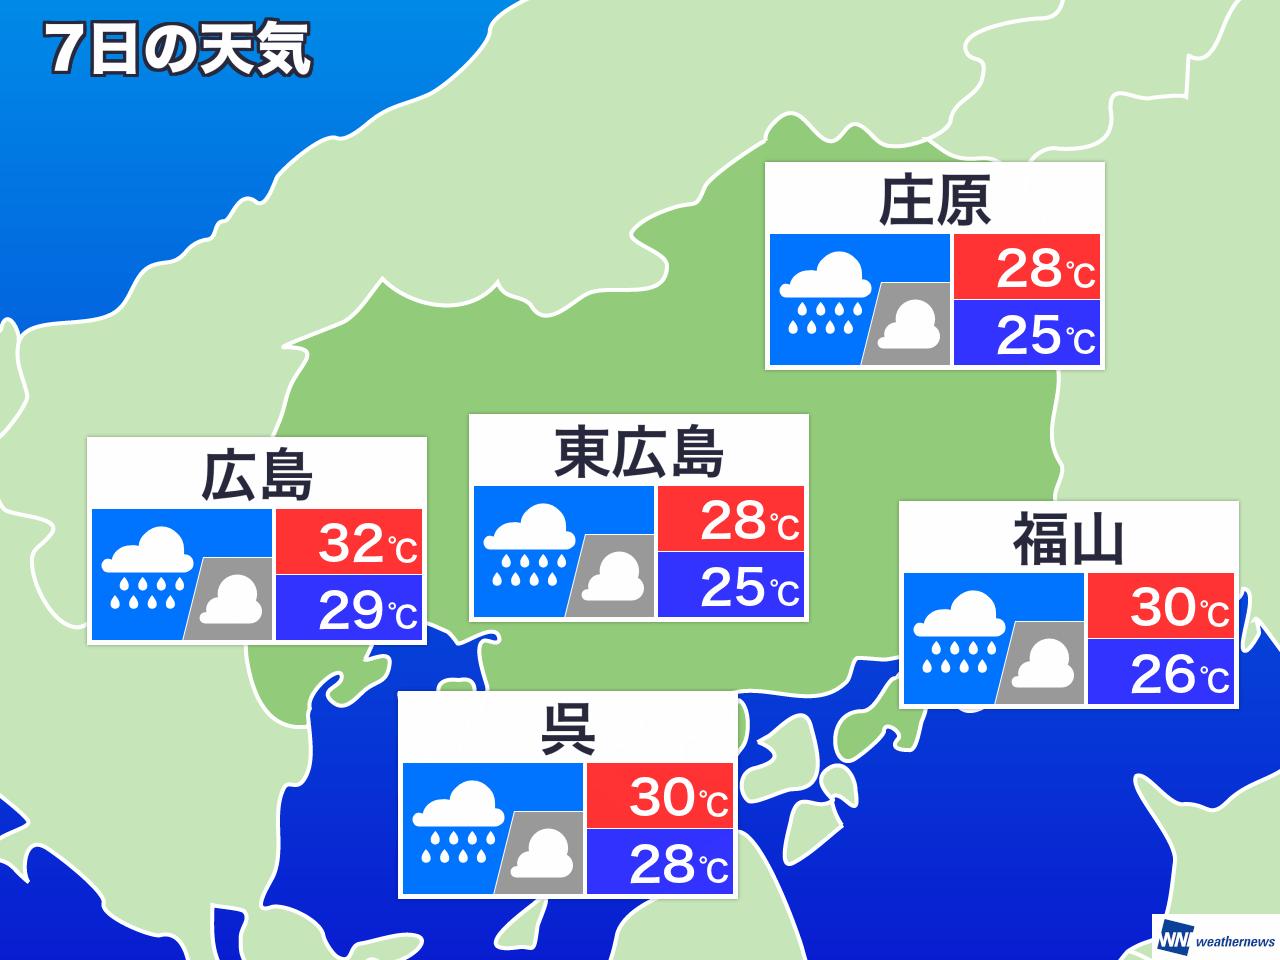 市 天気 予報 の 福山 福山市の1時間天気